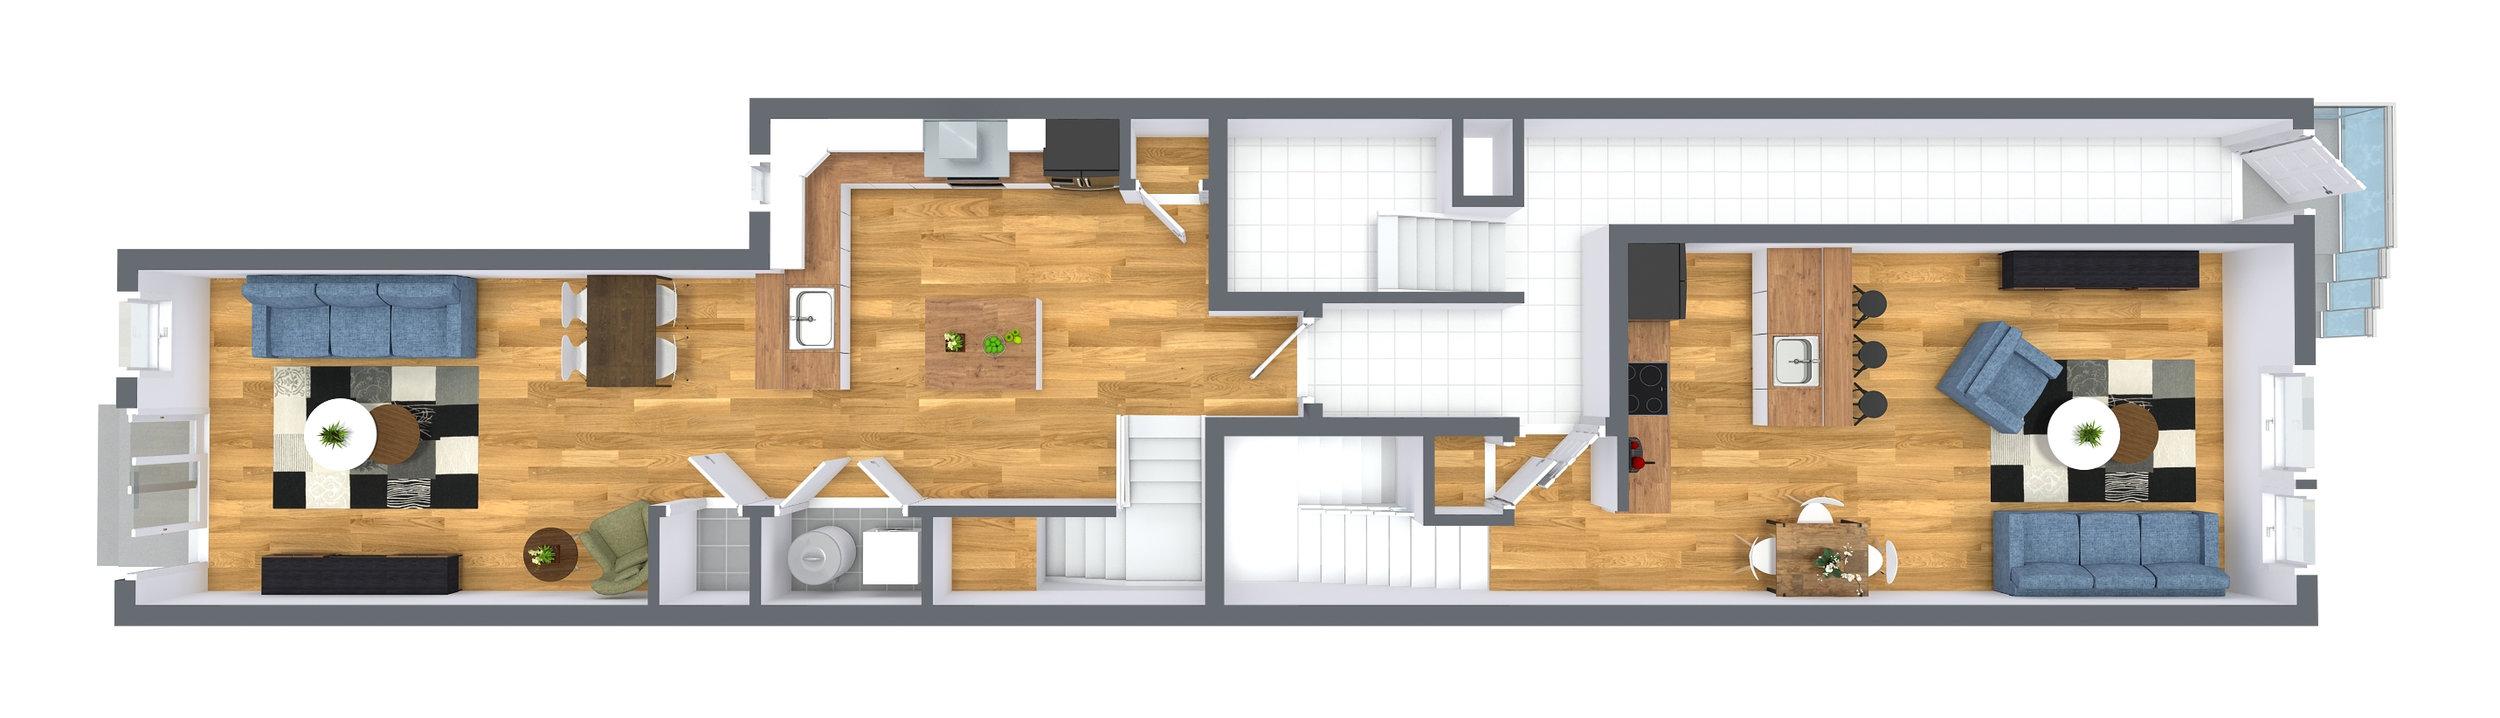 Level One - Bi-Level One Bedroom, One Full Bathroom + Den, 1,050 SqrFt.Bi-Level Two Bedroom, Two Full Bathroom, 1,225 SqrFt.